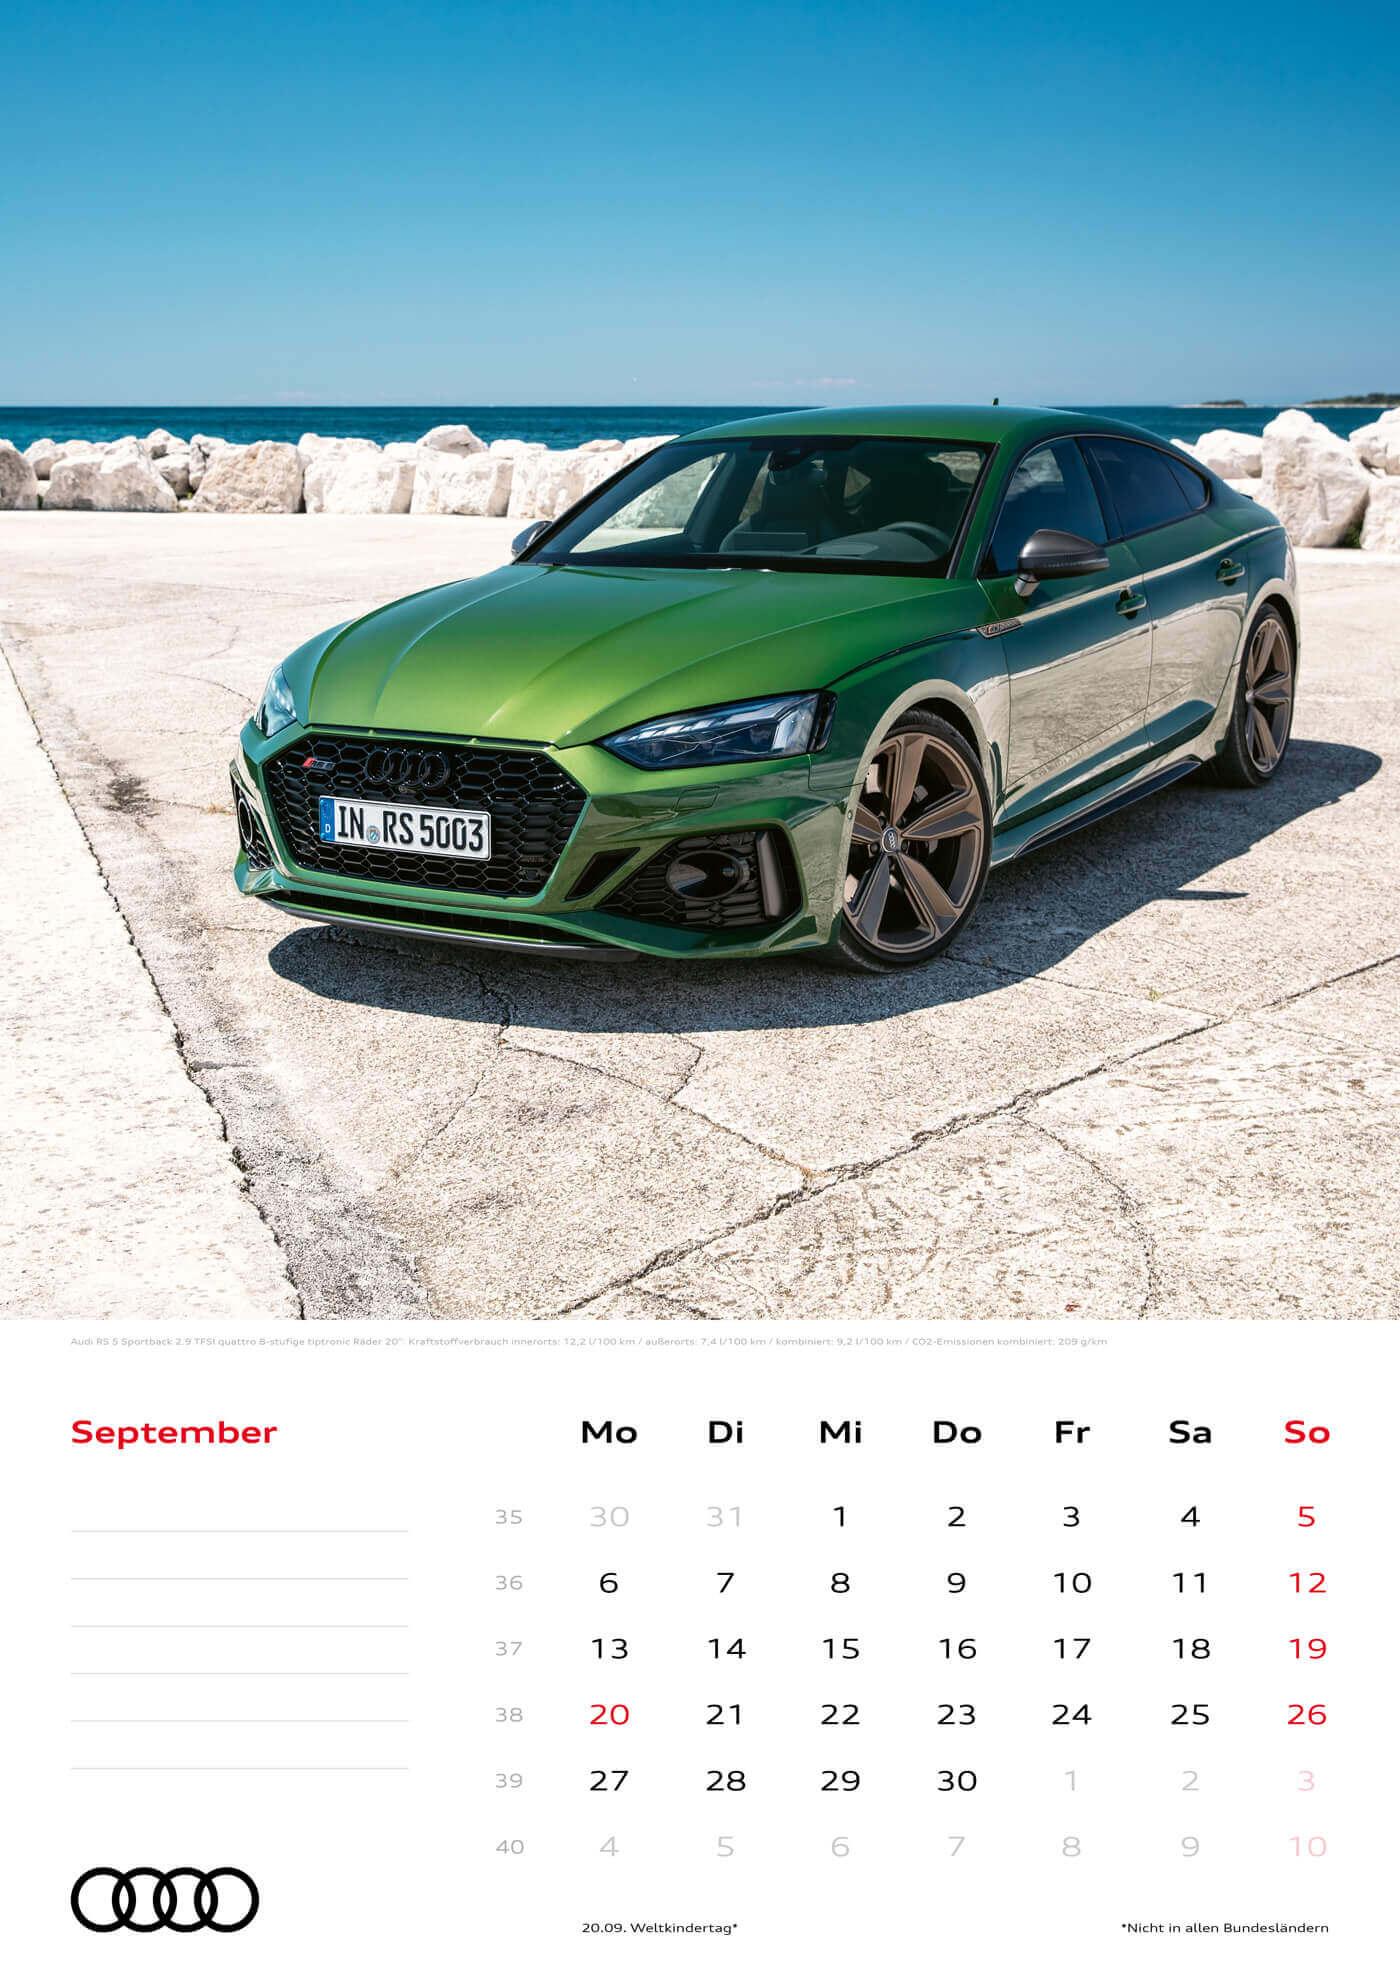 Audi Kalender 2021 - DIN A3 / Audi RS5 Sportback